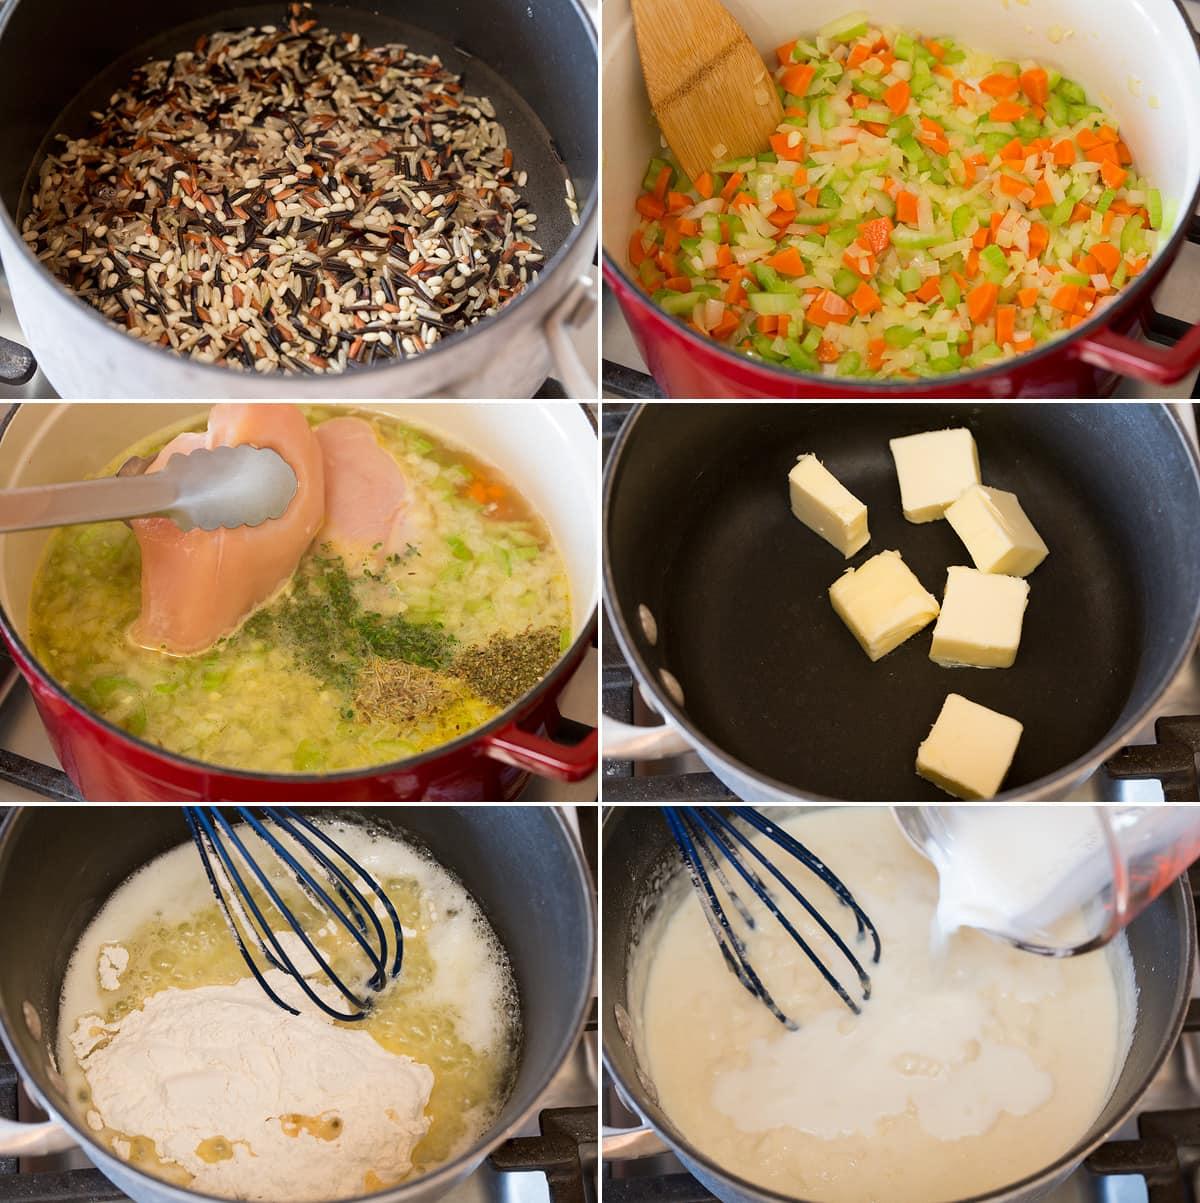 Collage de seis imágenes que muestran los pasos para preparar sopa de pollo y arroz salvaje.  Muestra cocinar arroz salvaje por separado, cocinar caldo de pollo y hierbas y luego preparar salsa bechemel en una cacerola.